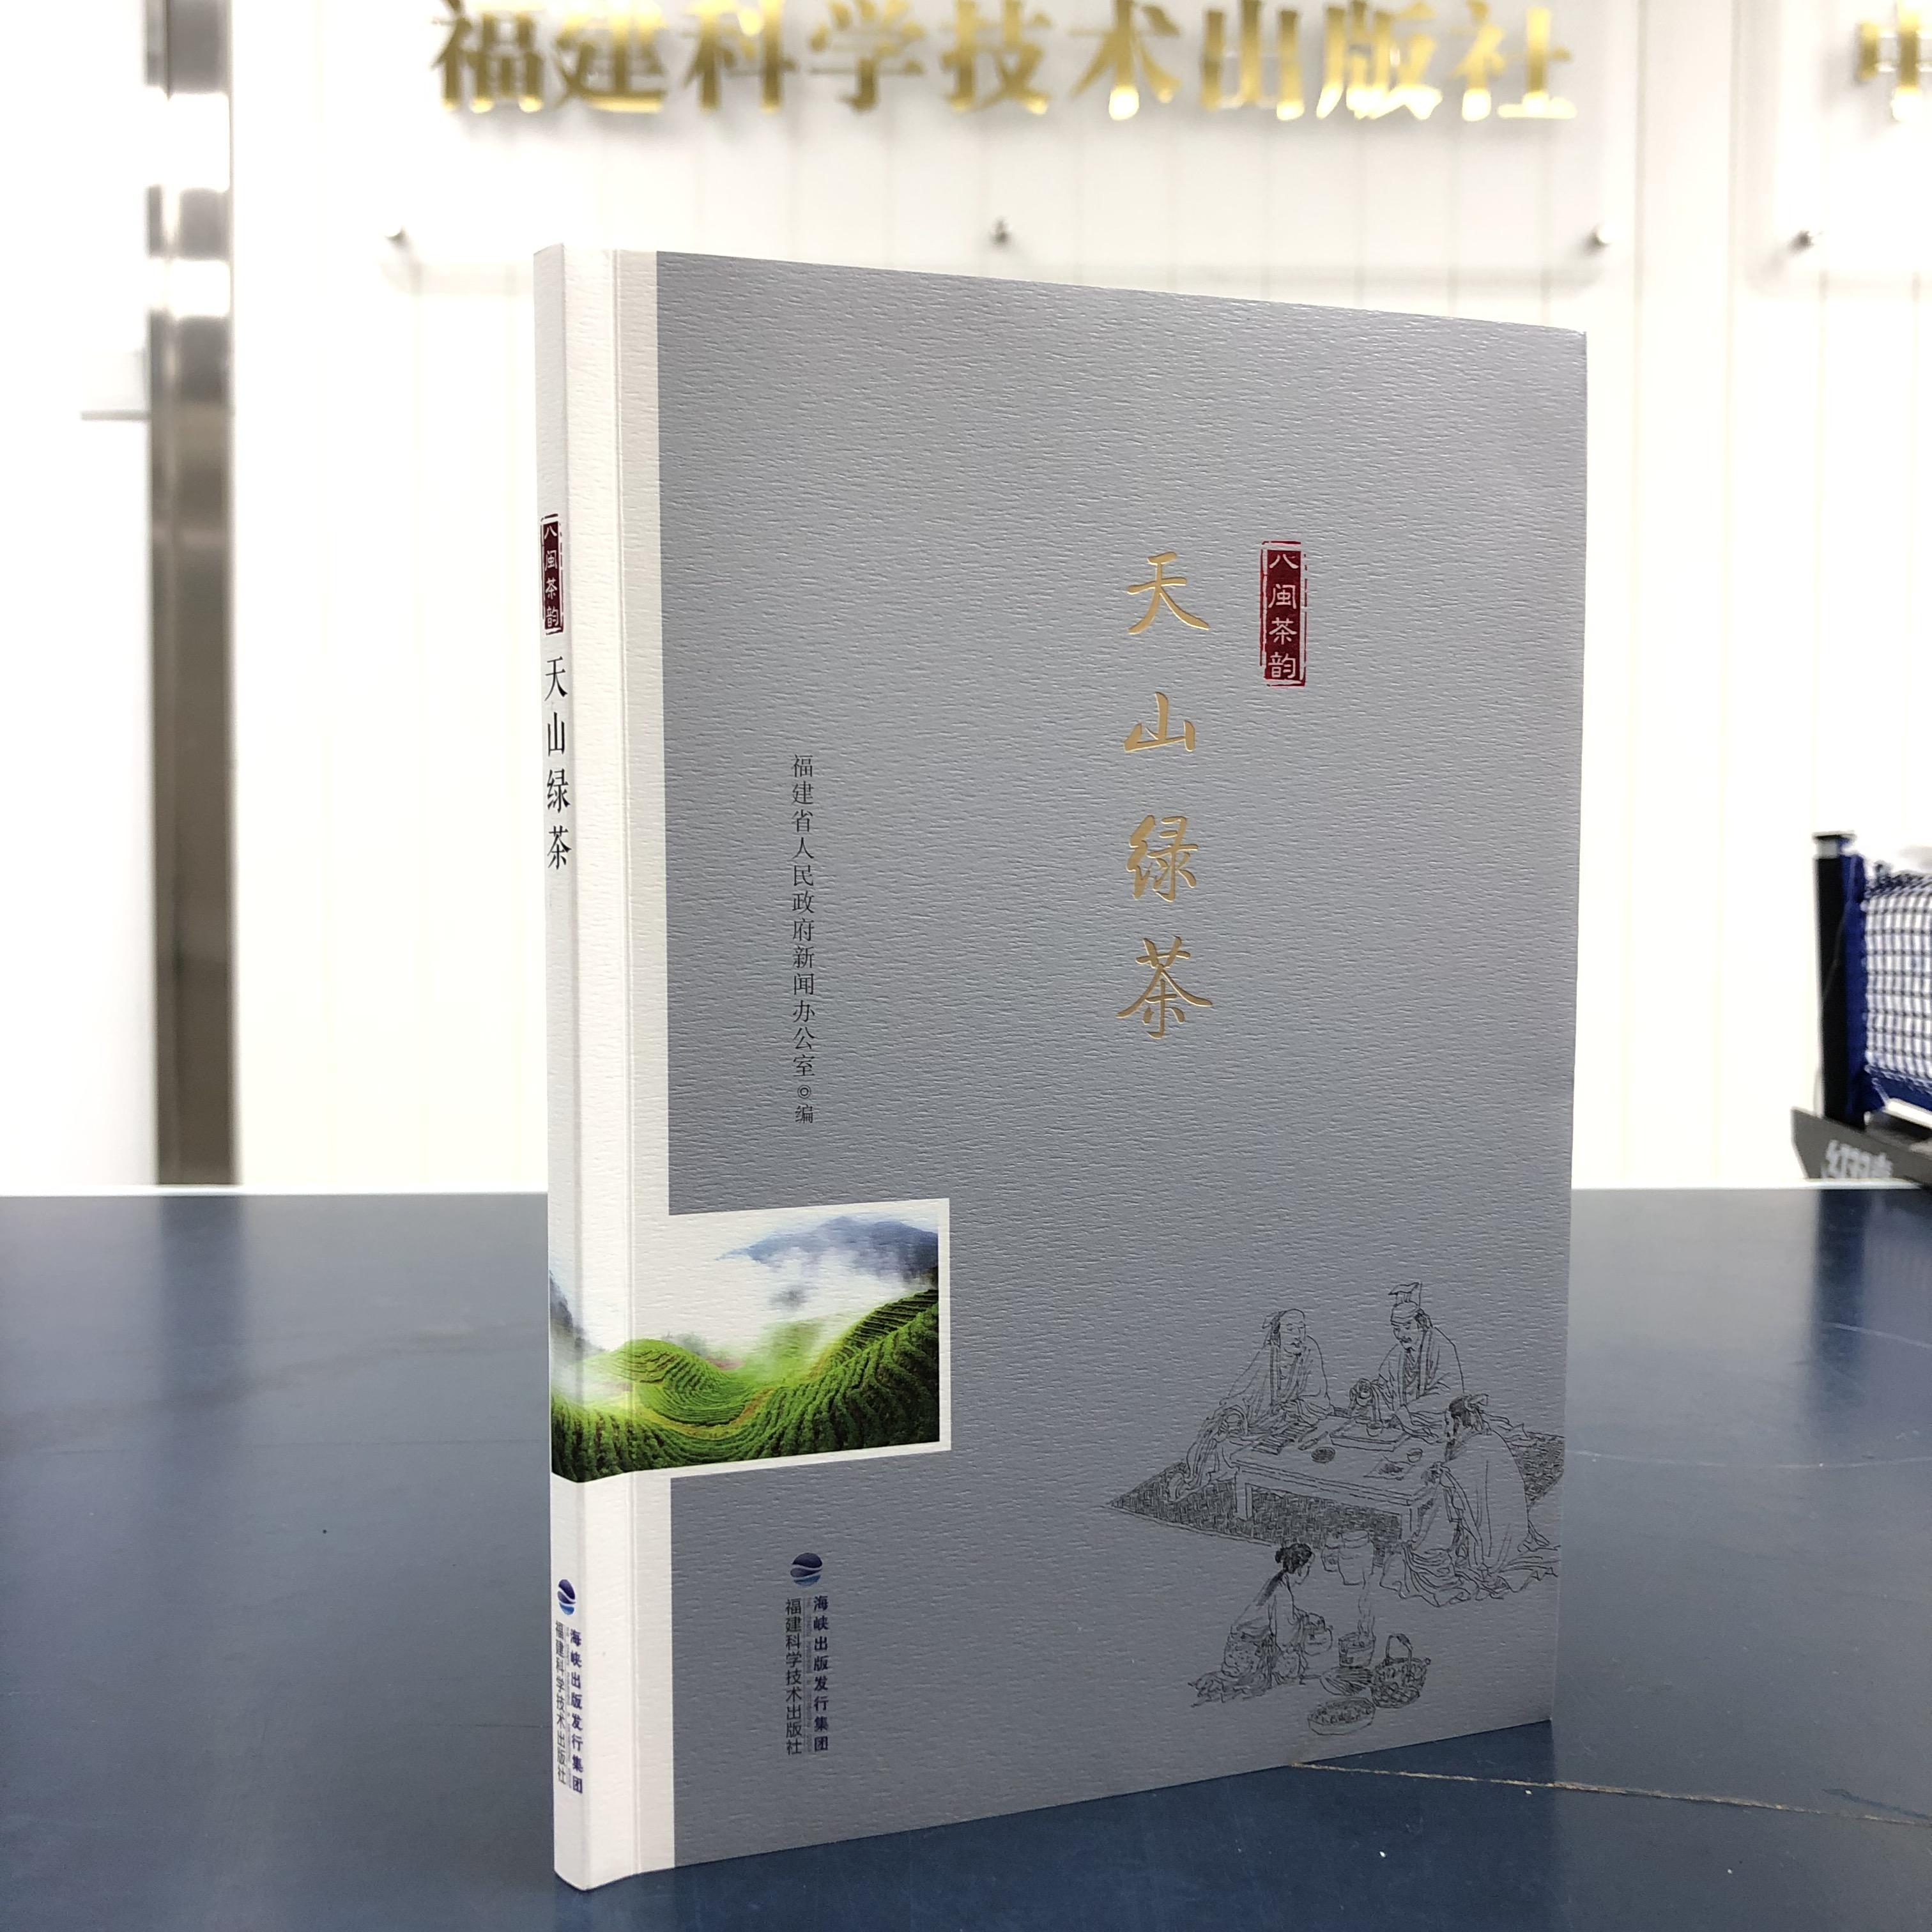 天山绿茶9787533557904-天山绿茶(荒漠甘霖图书专营店仅售26.4元)